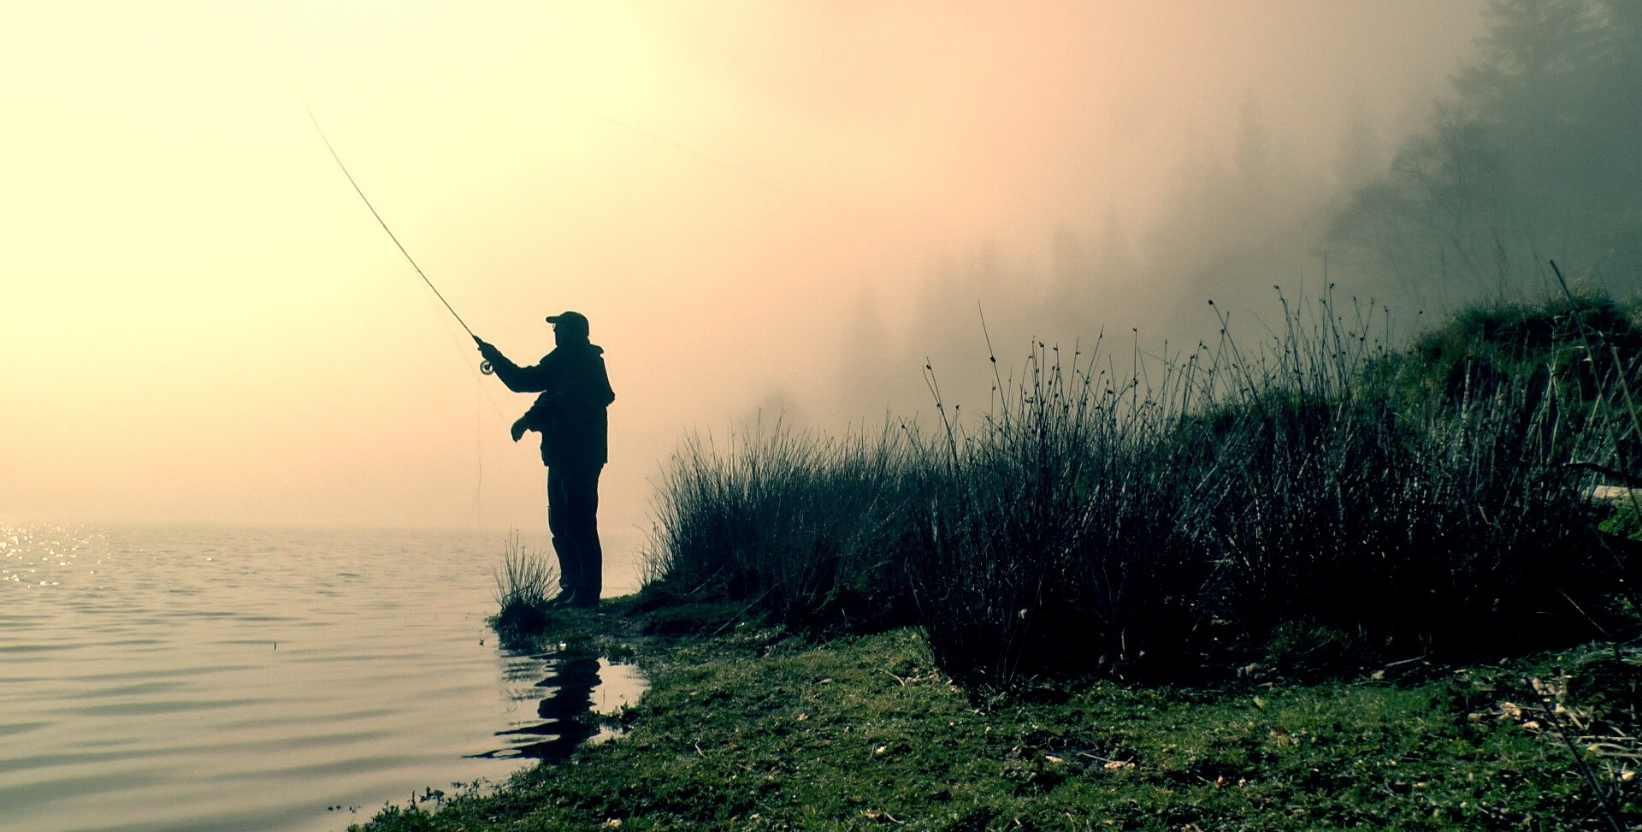 ladybower-fly-fishing-lesson